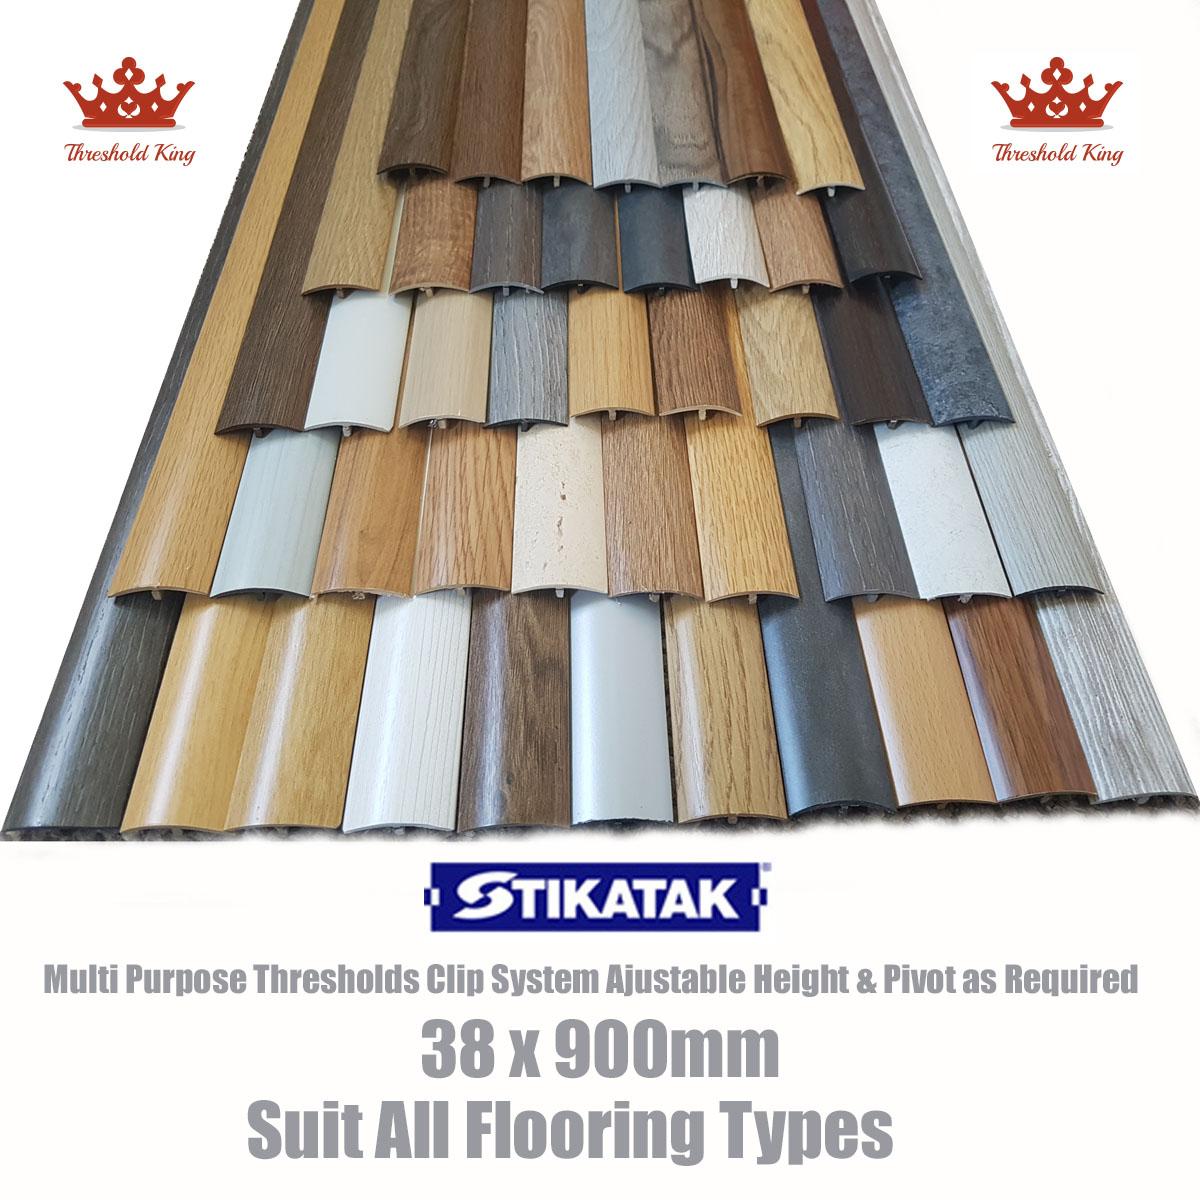 New Stikatak Threshold Strip 38x900mm Multi Purpose